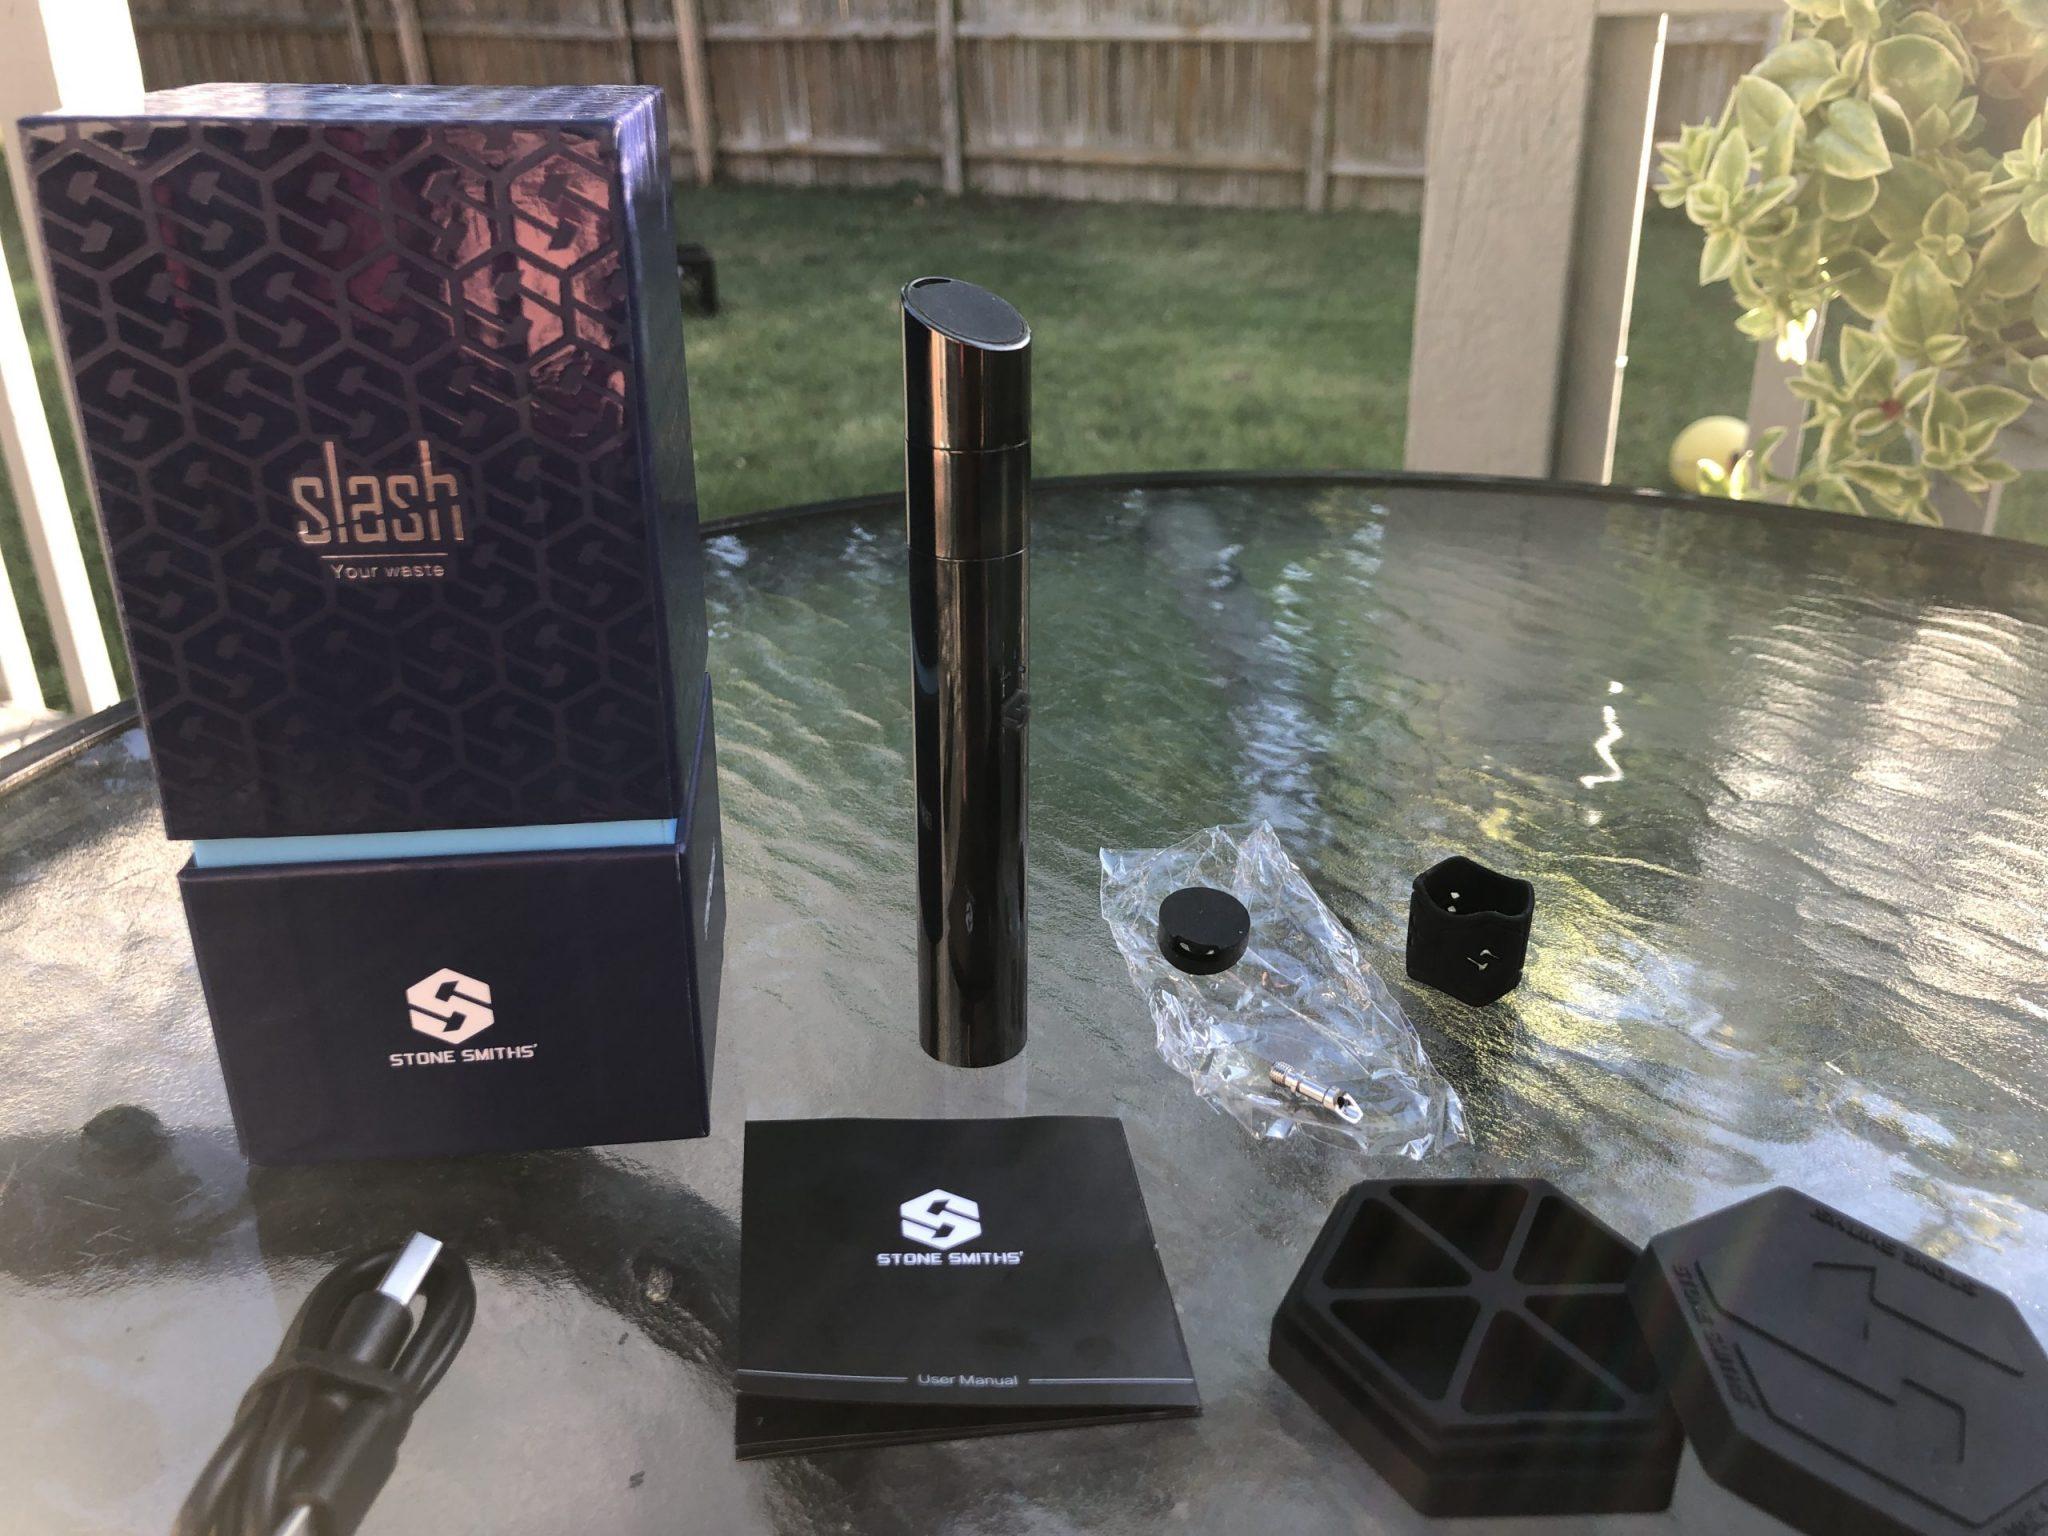 stone smiths slash kit